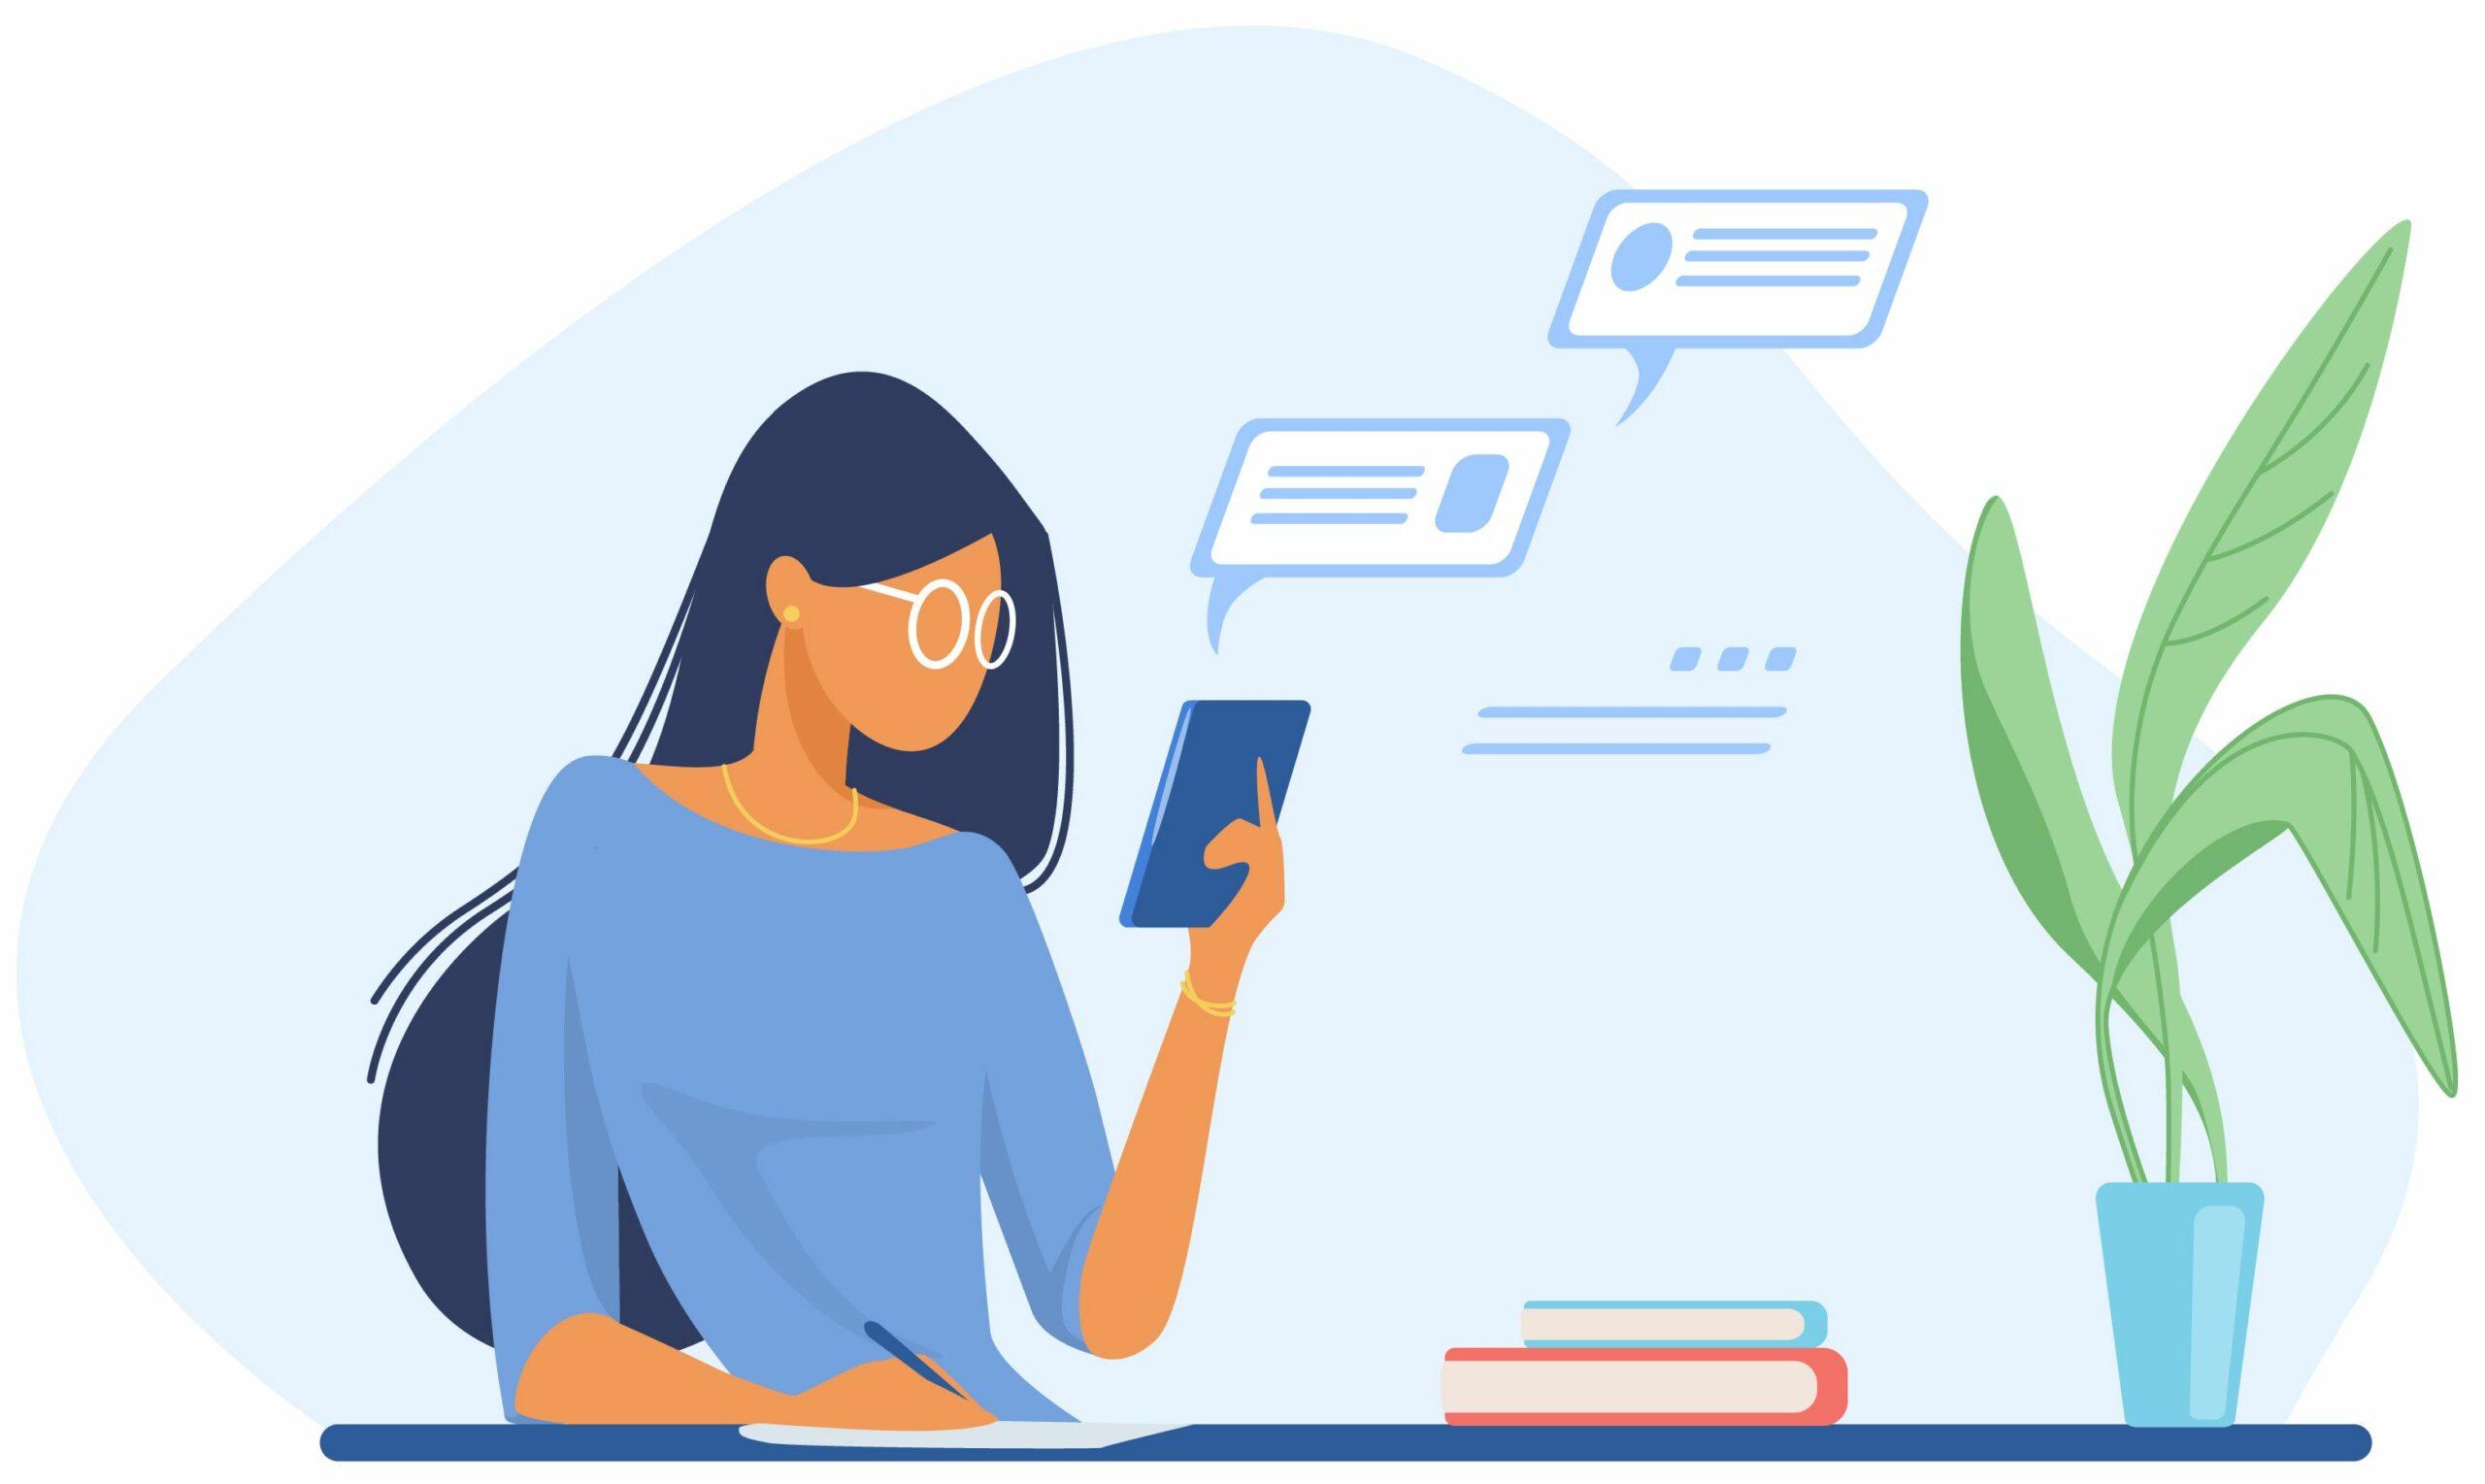 Femme recevant des notifications sur son smartphone.